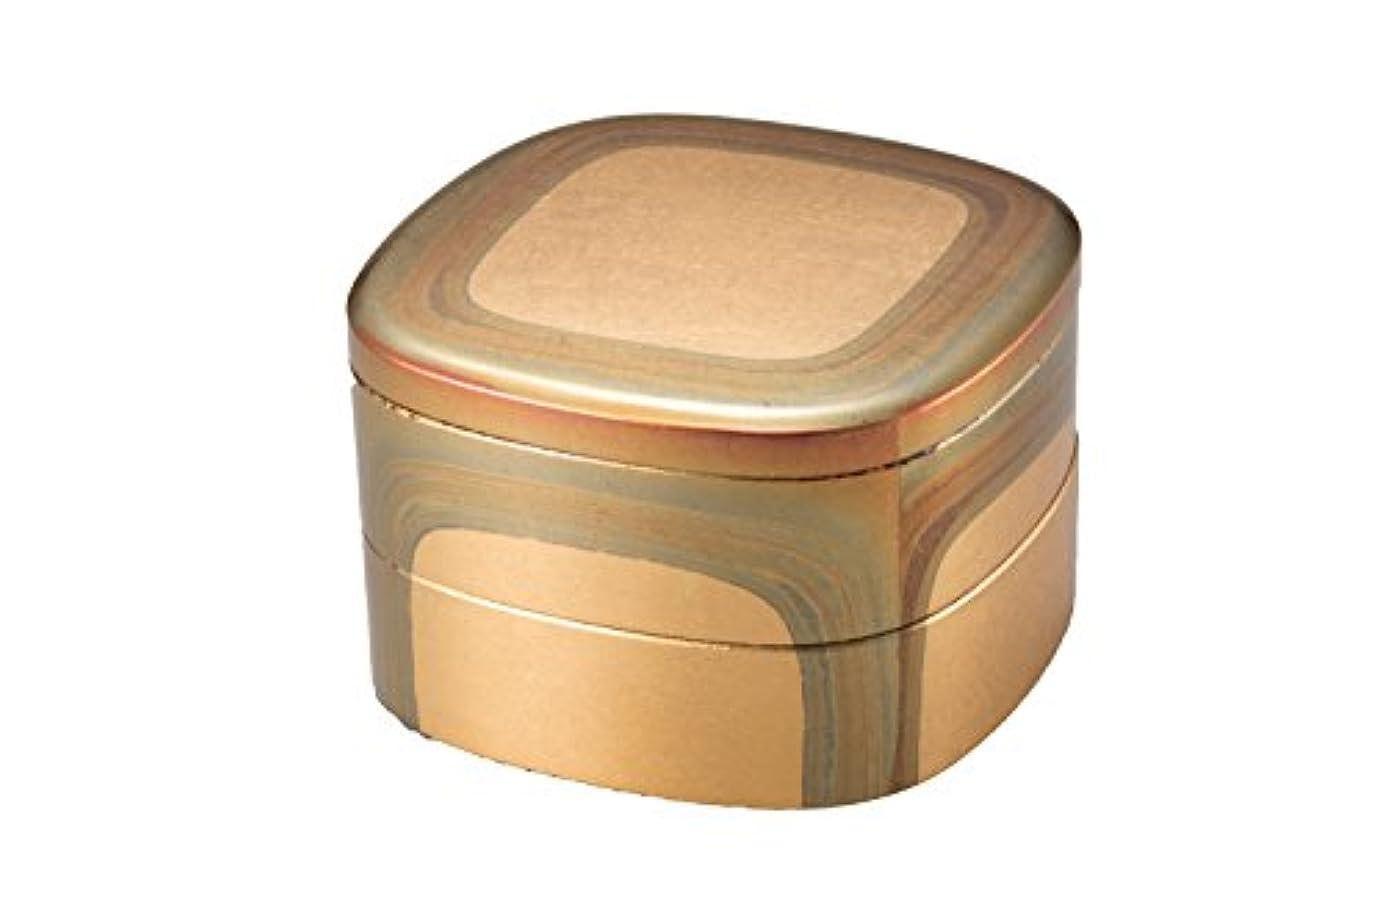 親哀予約箔一 重箱 ゴールド 145×145×100mm 古代箔 くつわ二段重 A131-08005